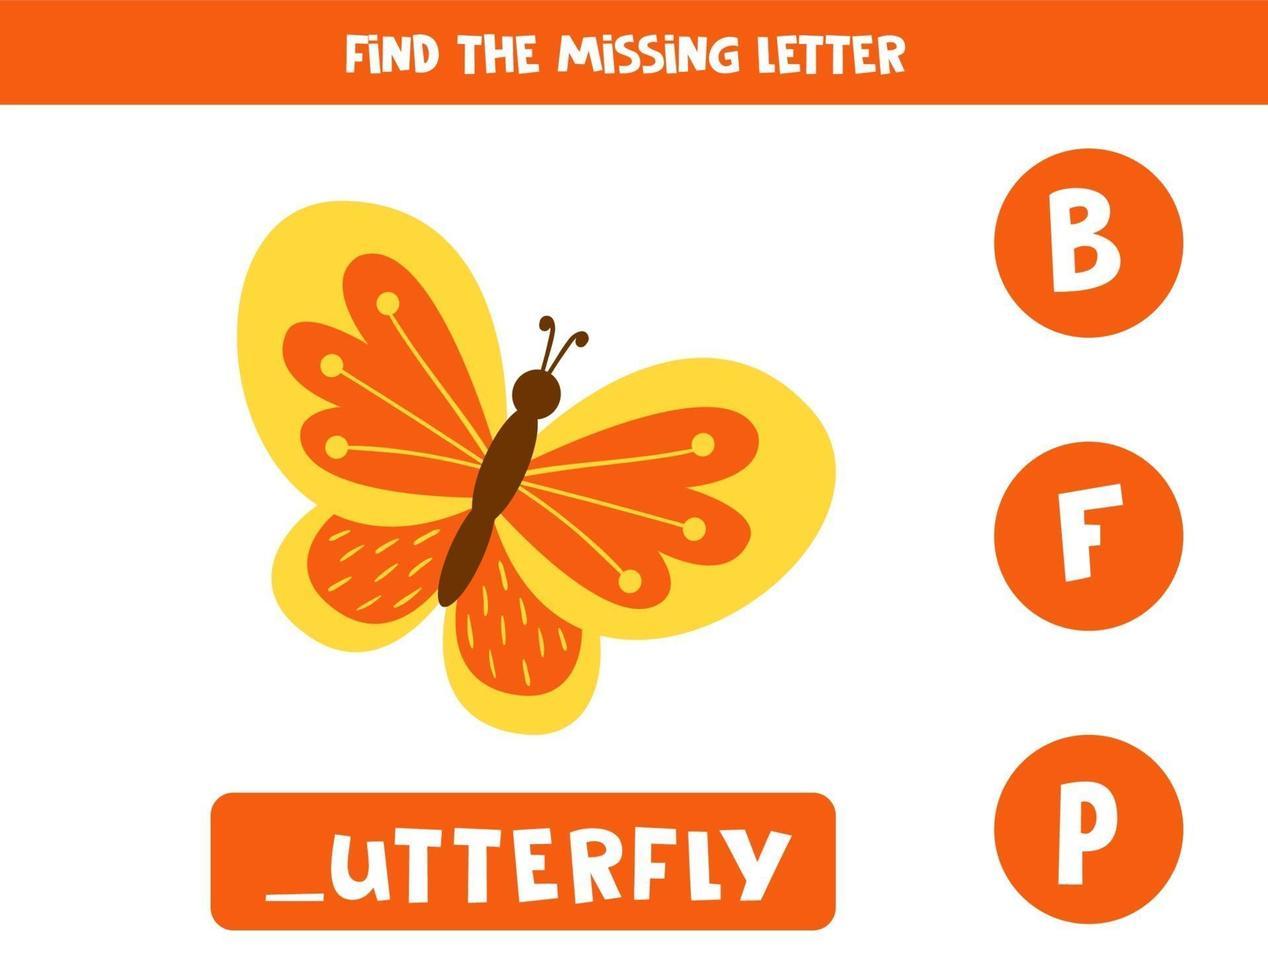 hitta saknat brev och skriv ner det. söt tecknad fjäril. vektor